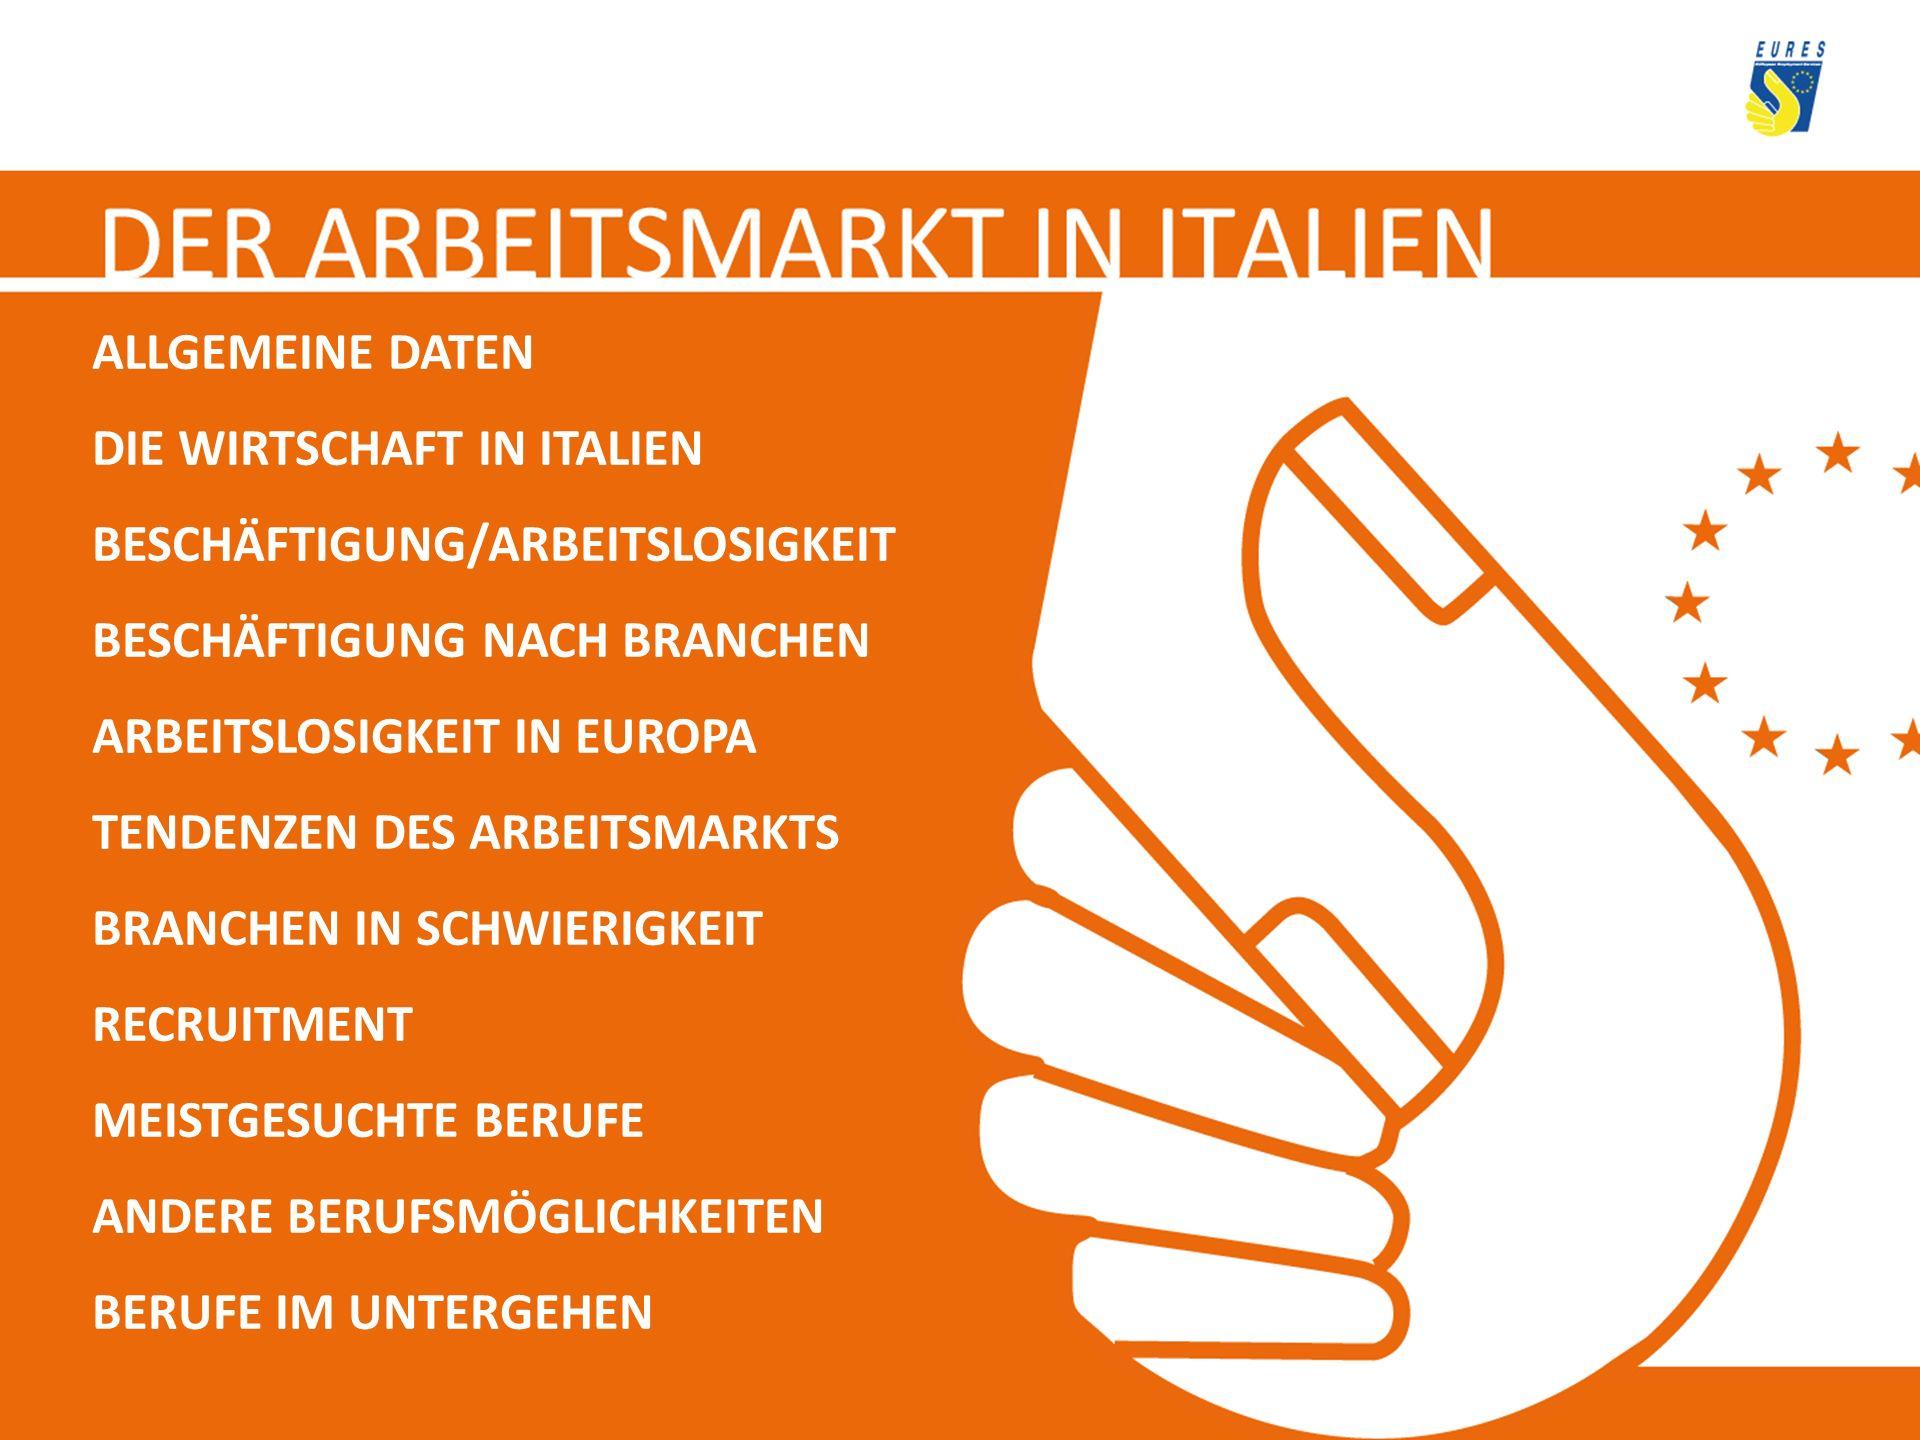 ALLGEMEINE DATEN DIE WIRTSCHAFT IN ITALIEN. BESCHÄFTIGUNG/ARBEITSLOSIGKEIT. BESCHÄFTIGUNG NACH BRANCHEN.